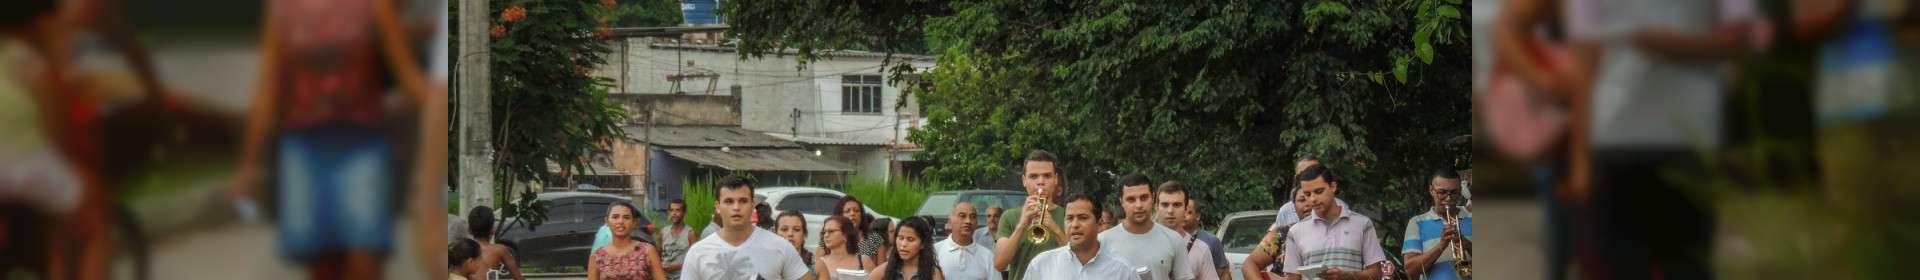 Igrejas Cristã Maranata no Rio de Janeiro e Distrito Federal realizam evangelizações